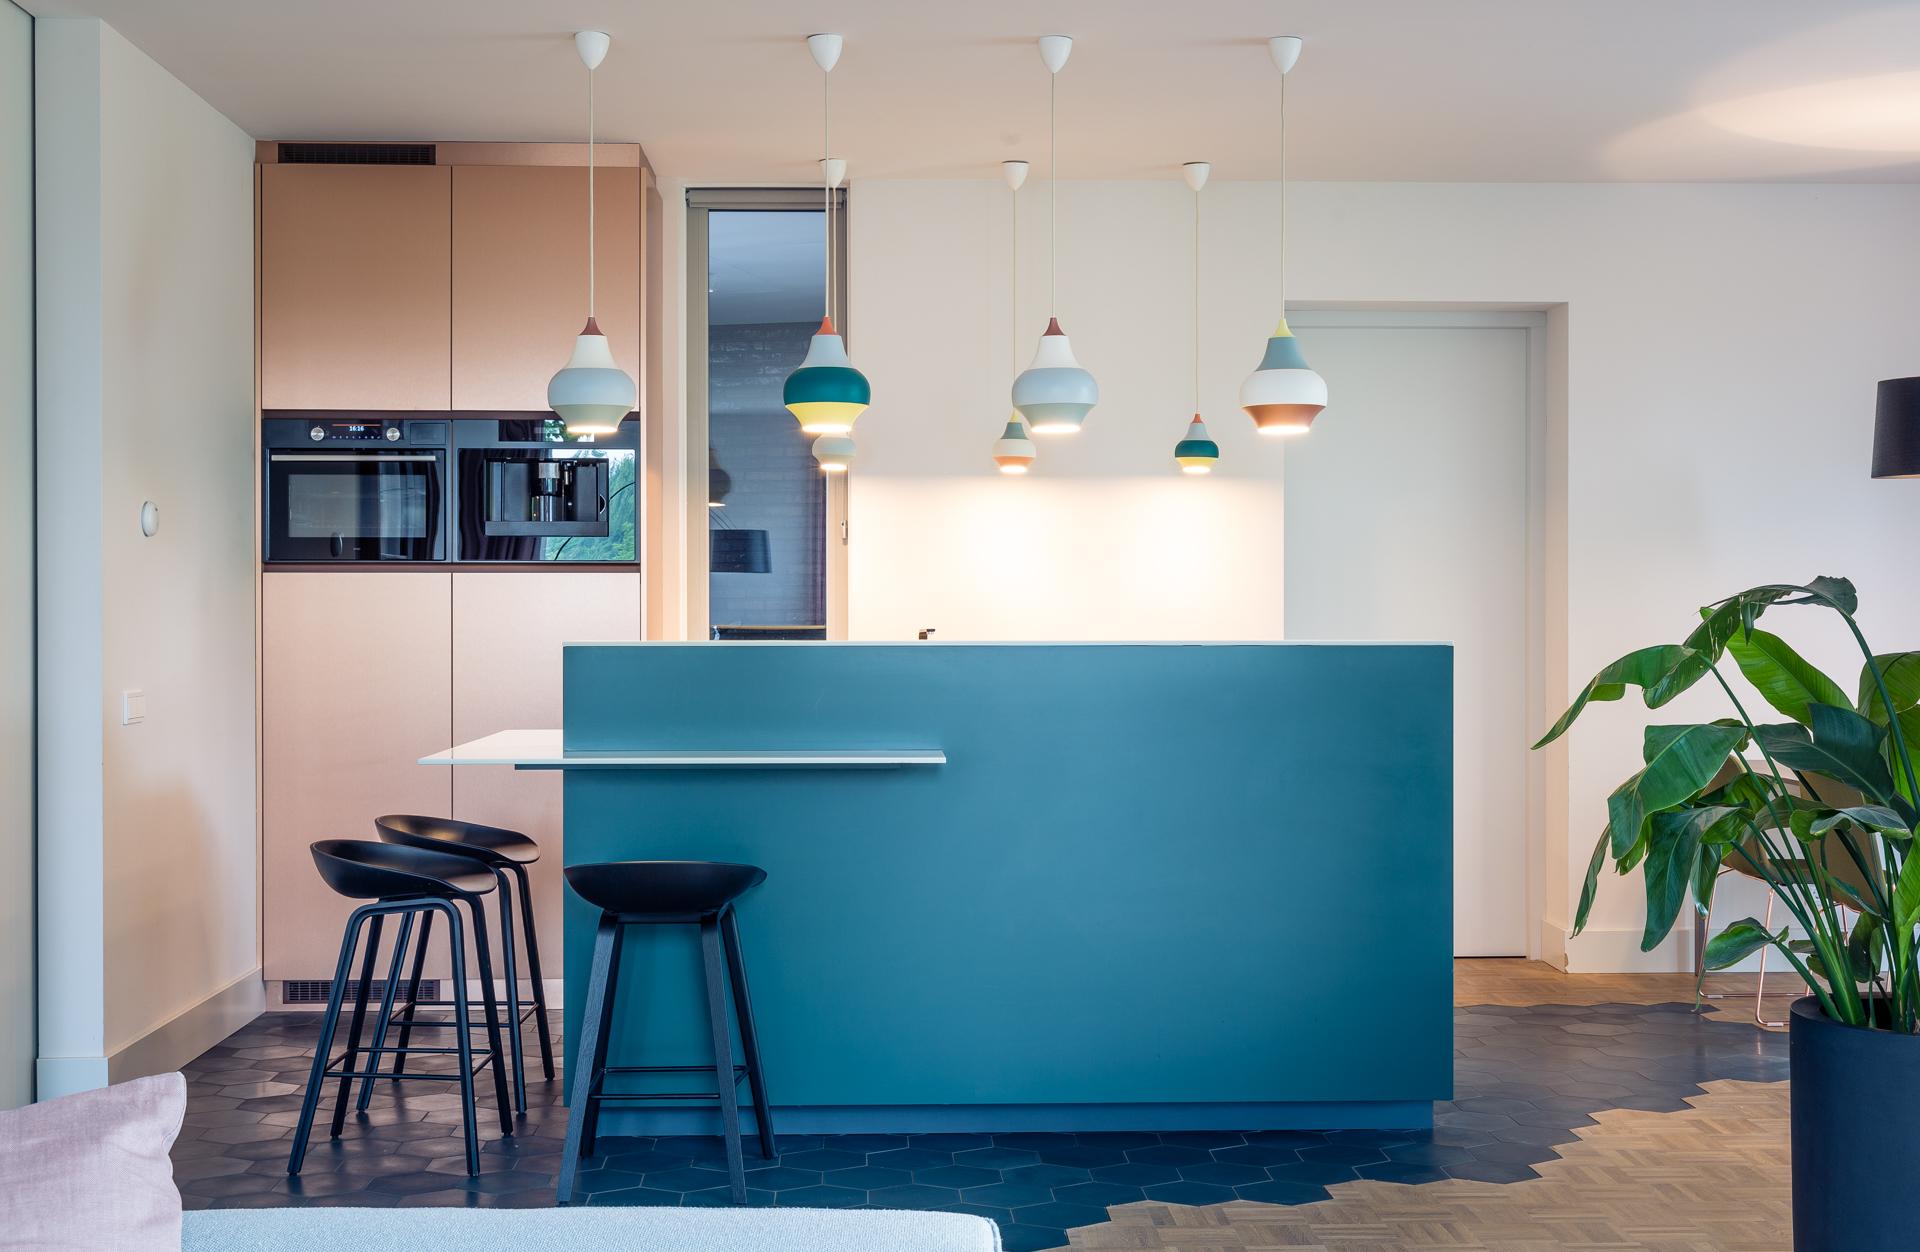 Maatwerk interieur keukeneiland